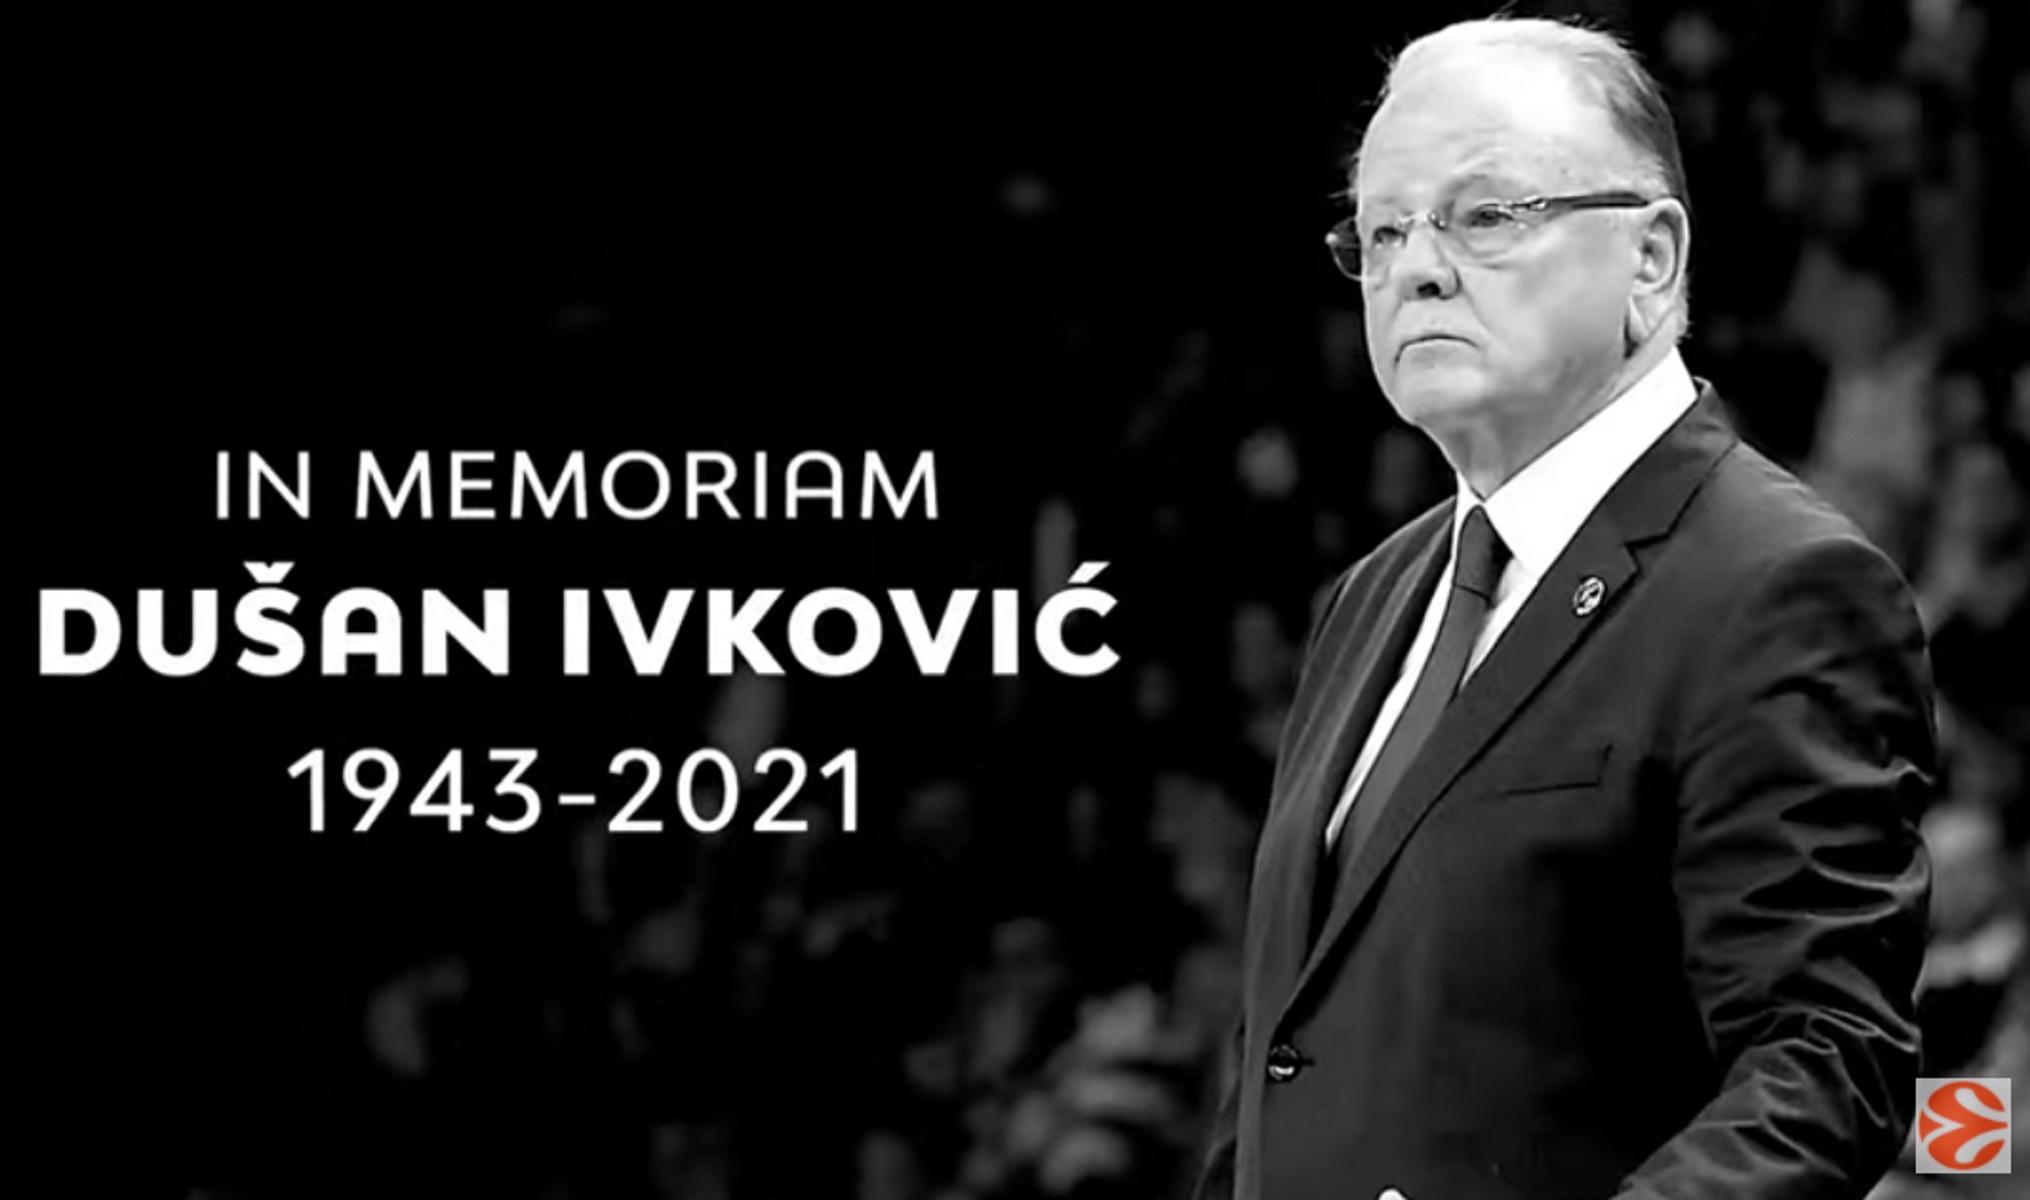 Ντούσαν Ίβκοβιτς: Ενός λεπτού σιγή στην πρεμιέρα της Euroleague